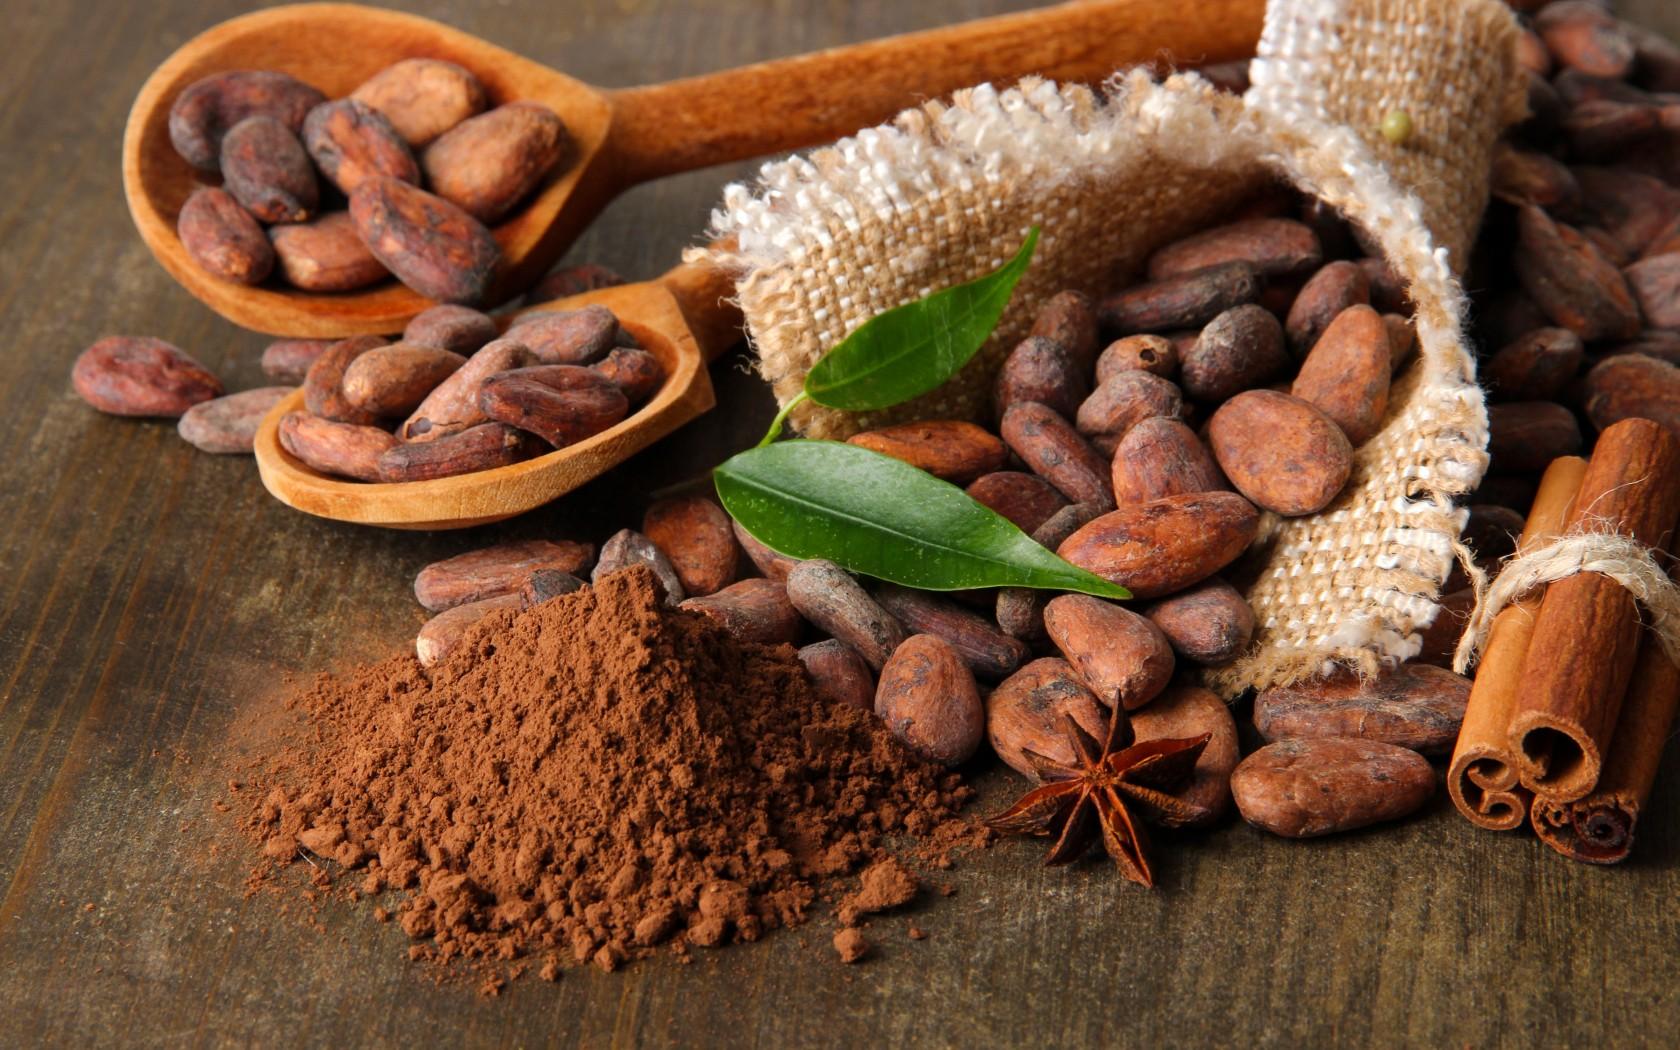 Кружка какао для молодой мамы: как выбрать, приготовить и включить в рацион без вреда для крохи